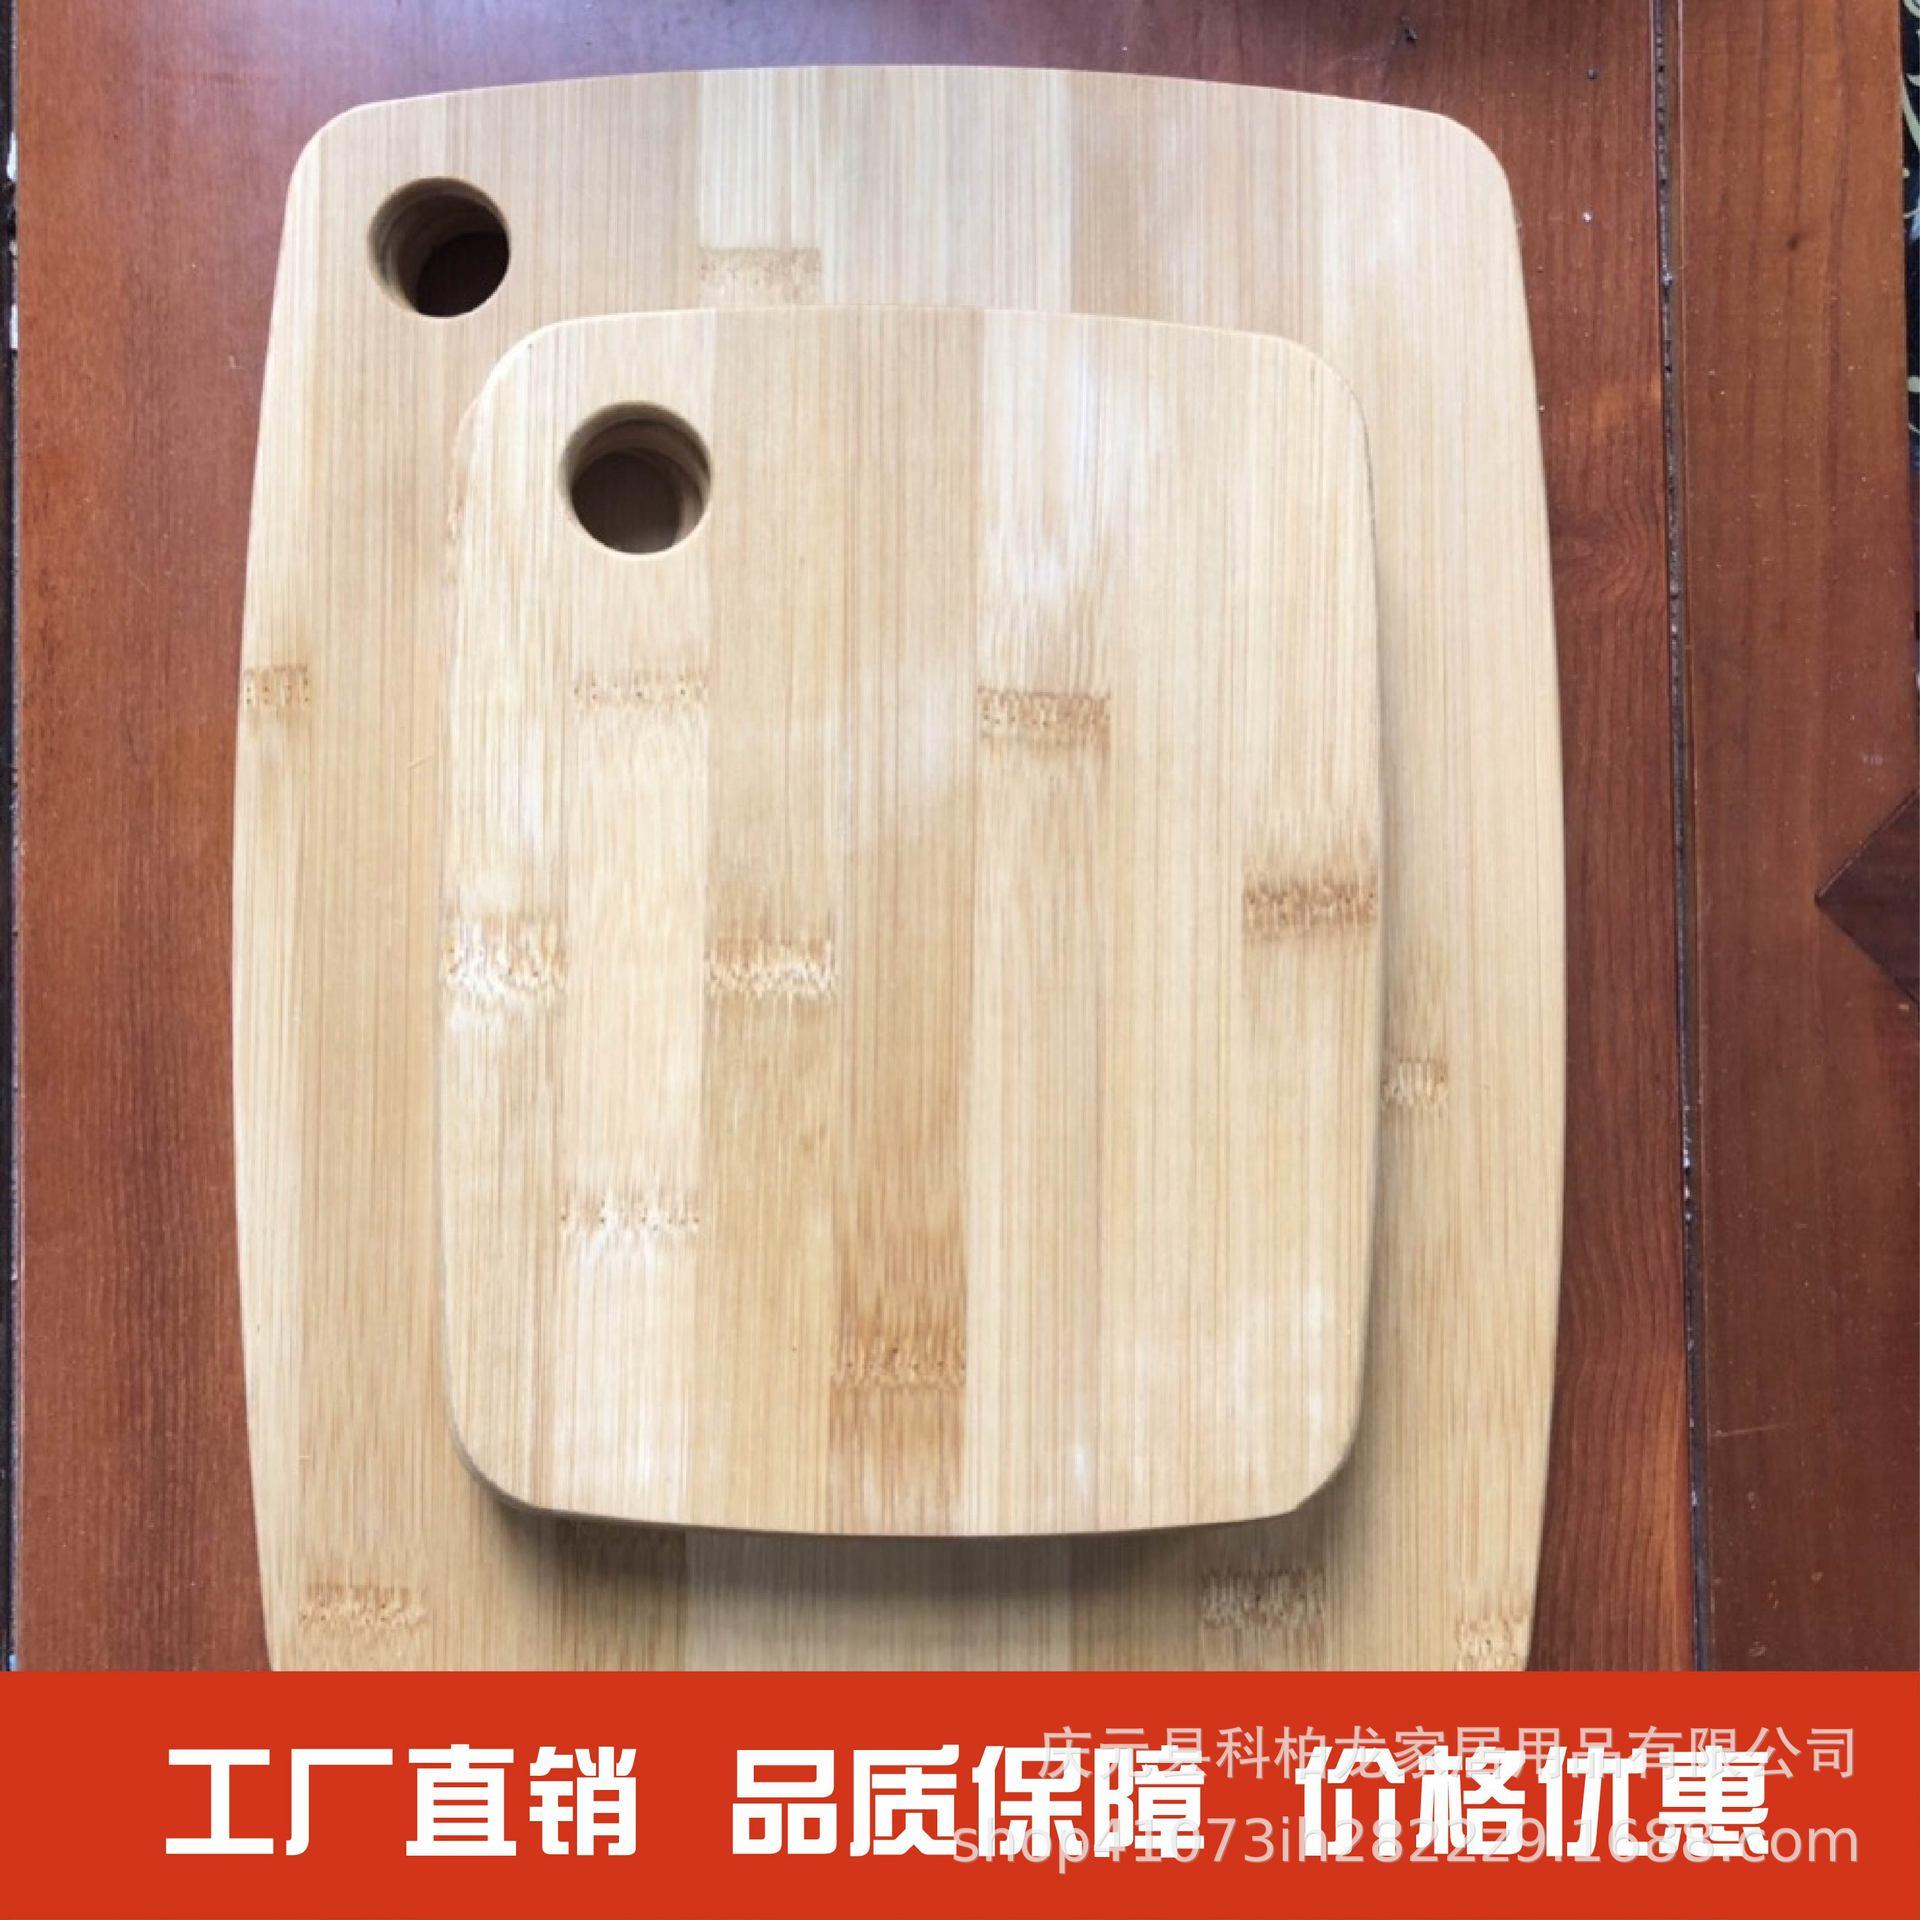 外贸3件套圆边水果板竹砧板楠竹碳化板多功能切菜板案板实木板